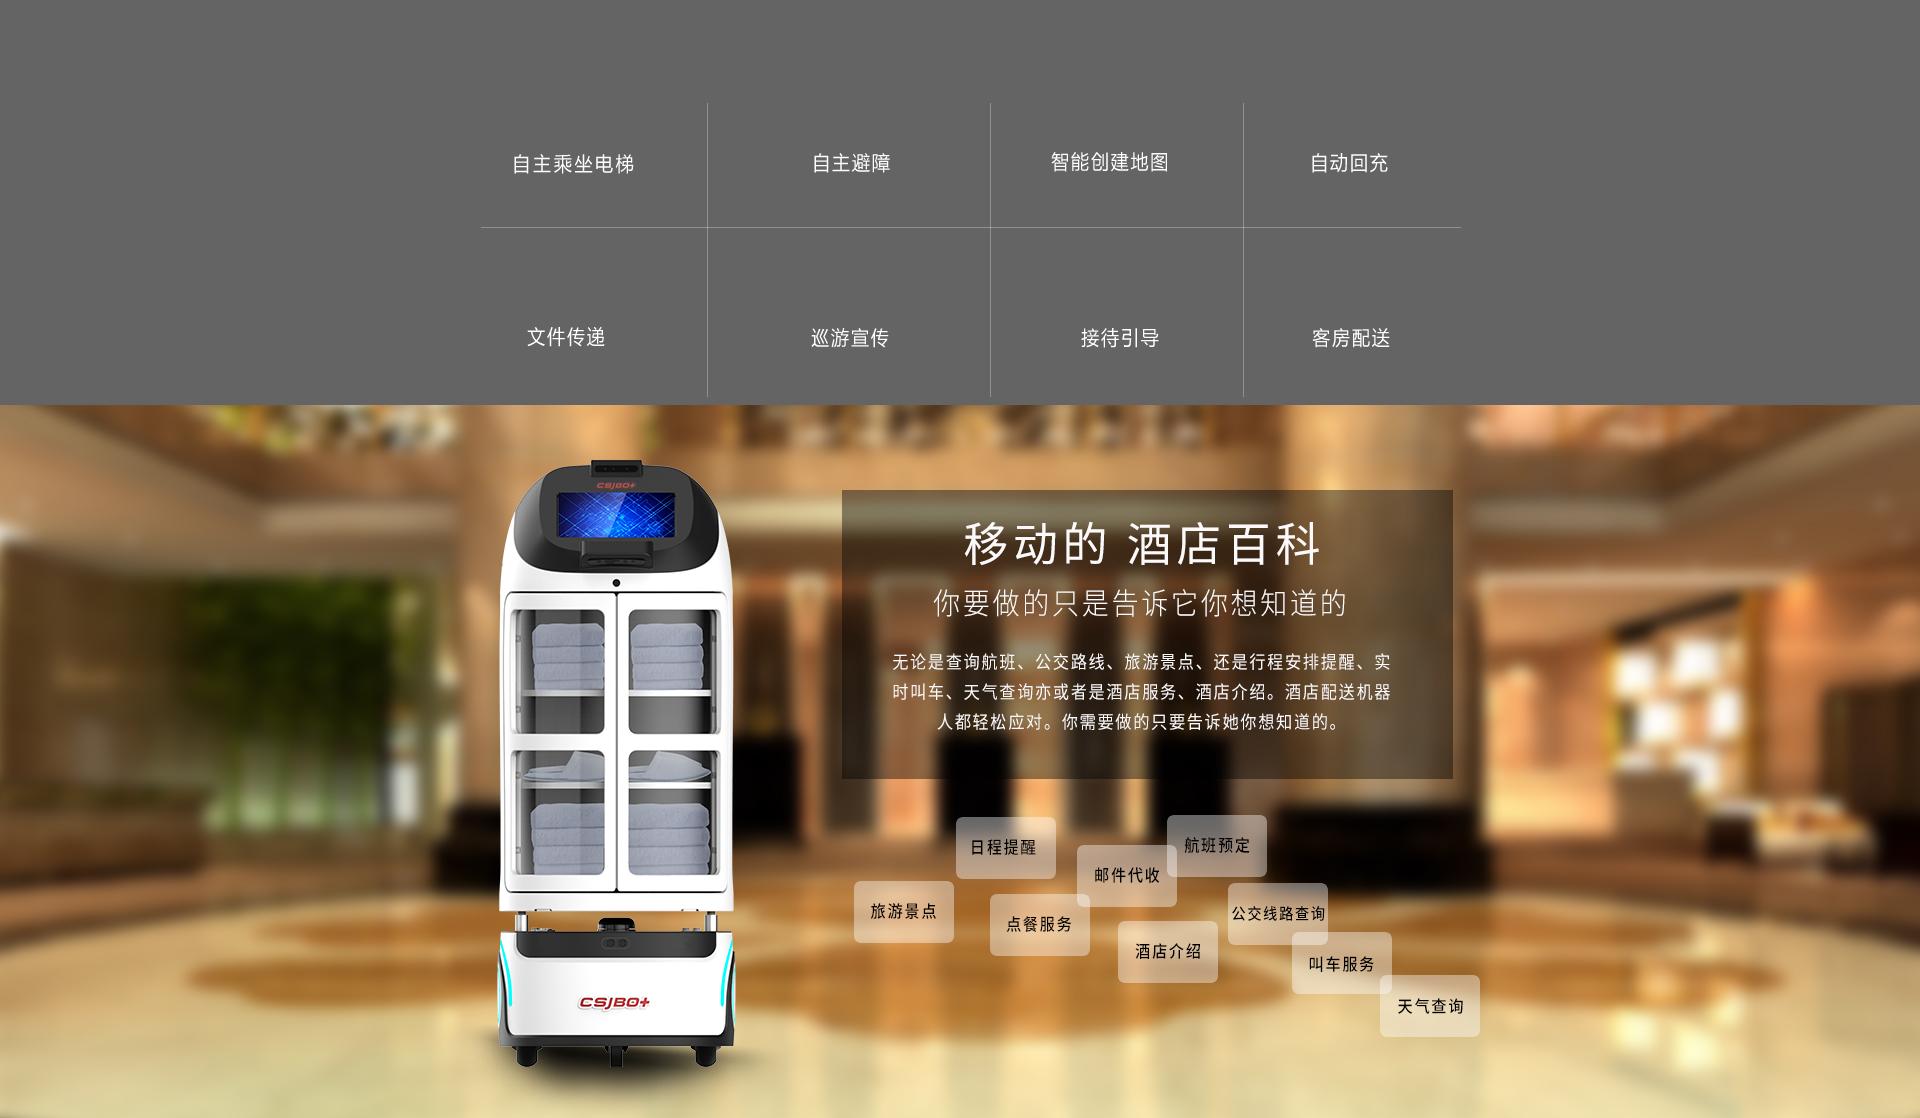 酒店配送机器人修改2_03.jpg